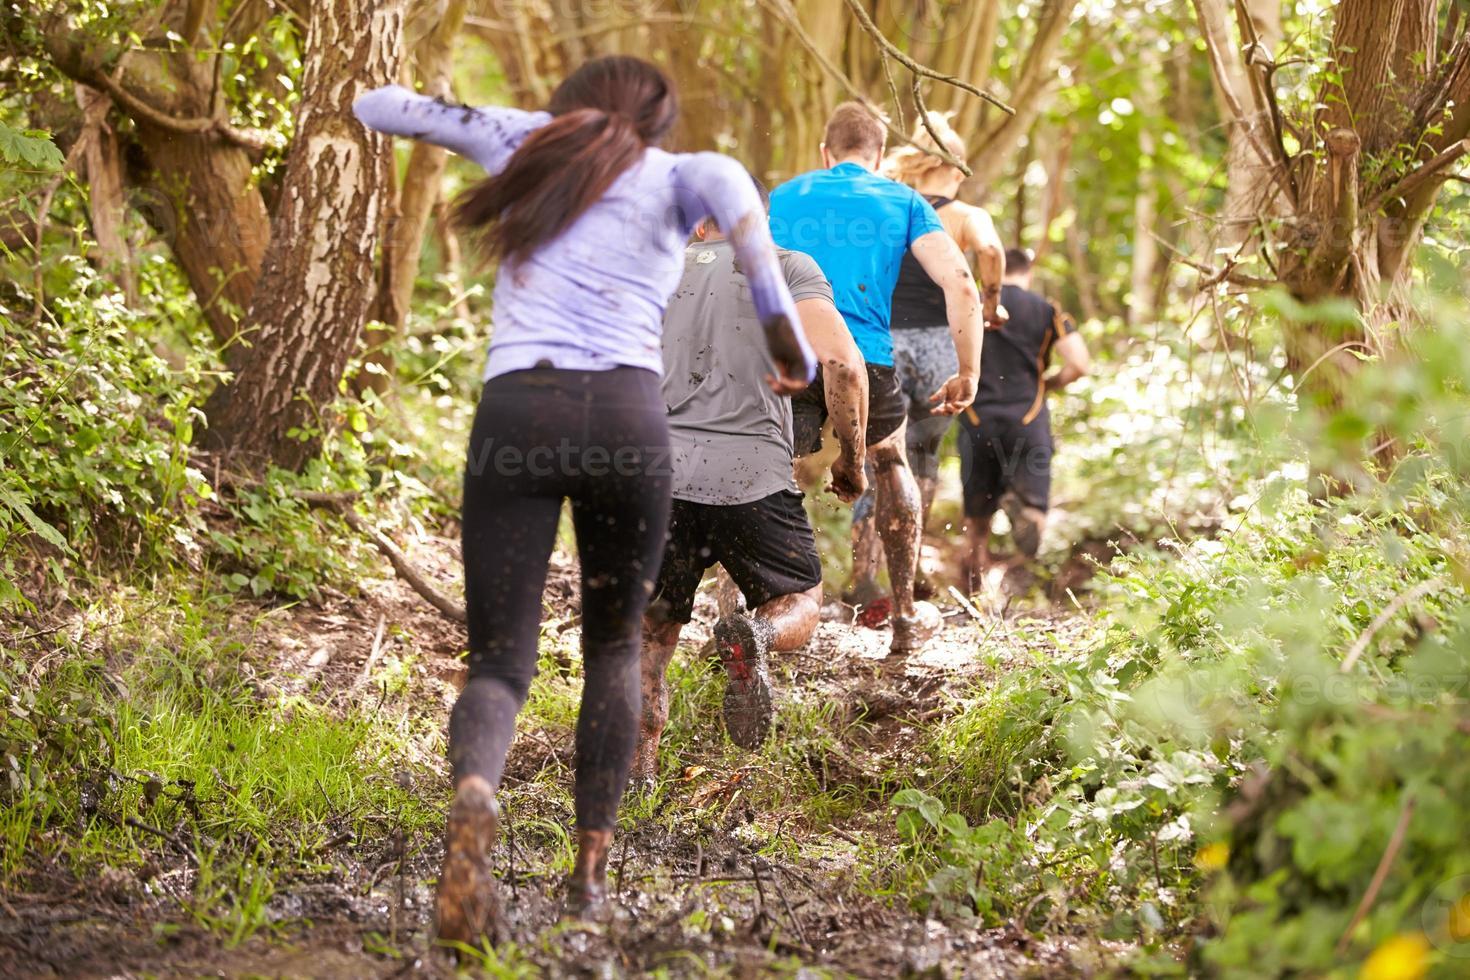 concurrents exécutant à un événement de sport d'endurance, vue arrière photo